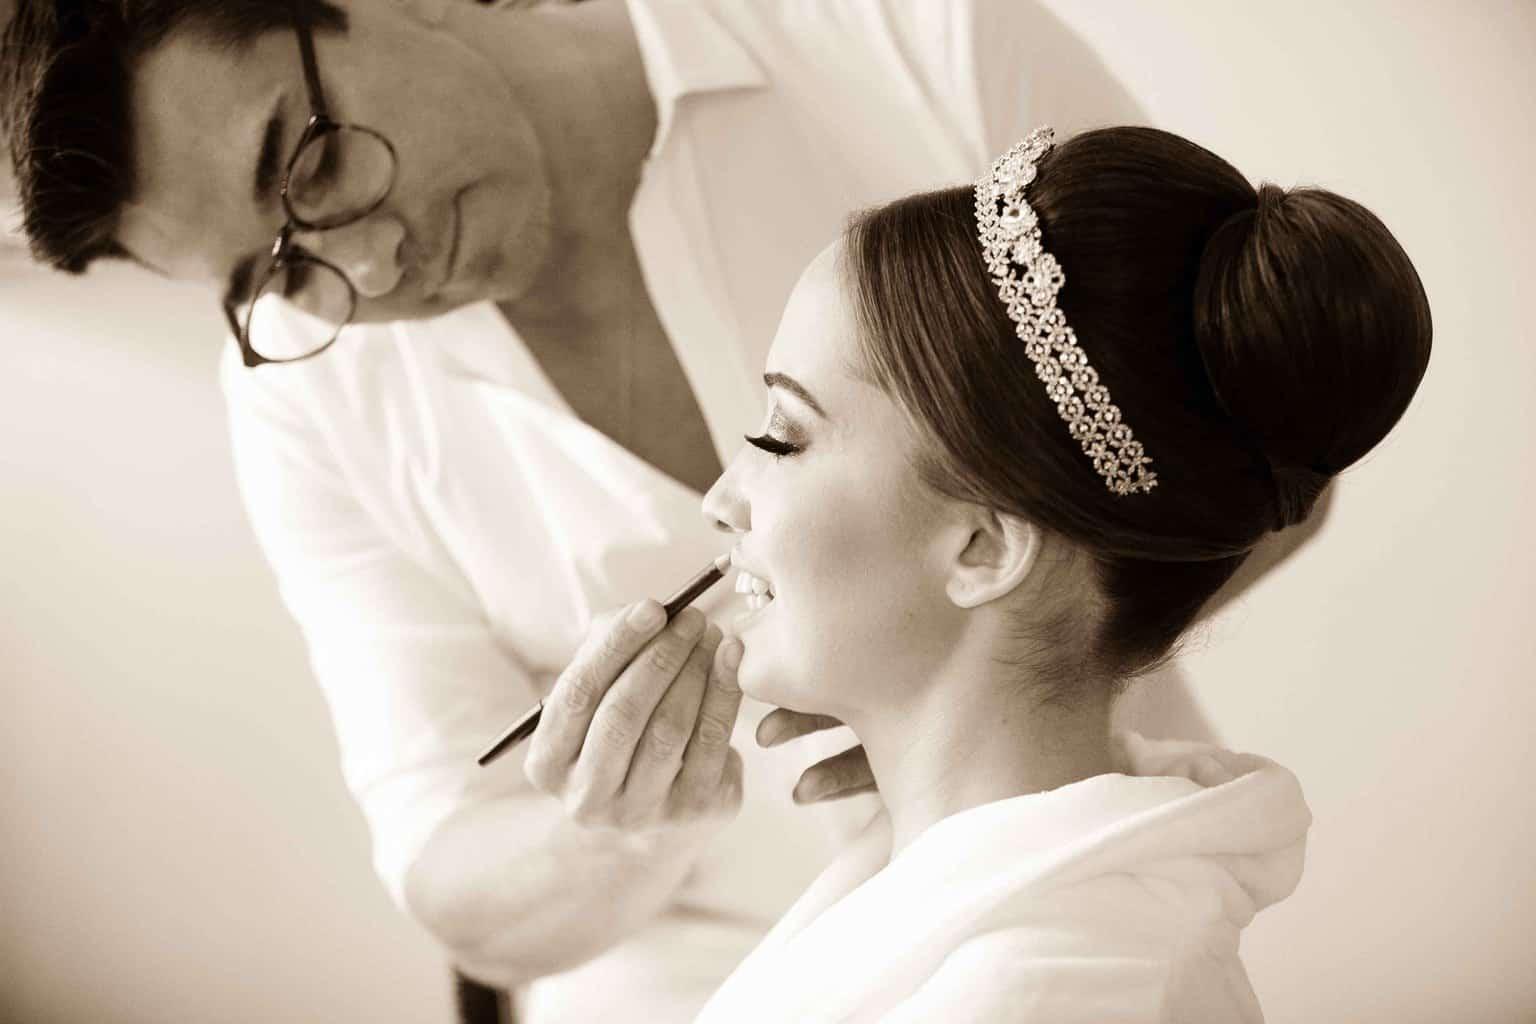 Casamento-Clássico-Casamento-tradicional-Copacabana-Palace-Making-of-Marcelo-Hicho-Monica-Roias-Ribas-Foto-e-Vídeo-Sapato-Tuanny-e-Bernardo-CaseMe-4